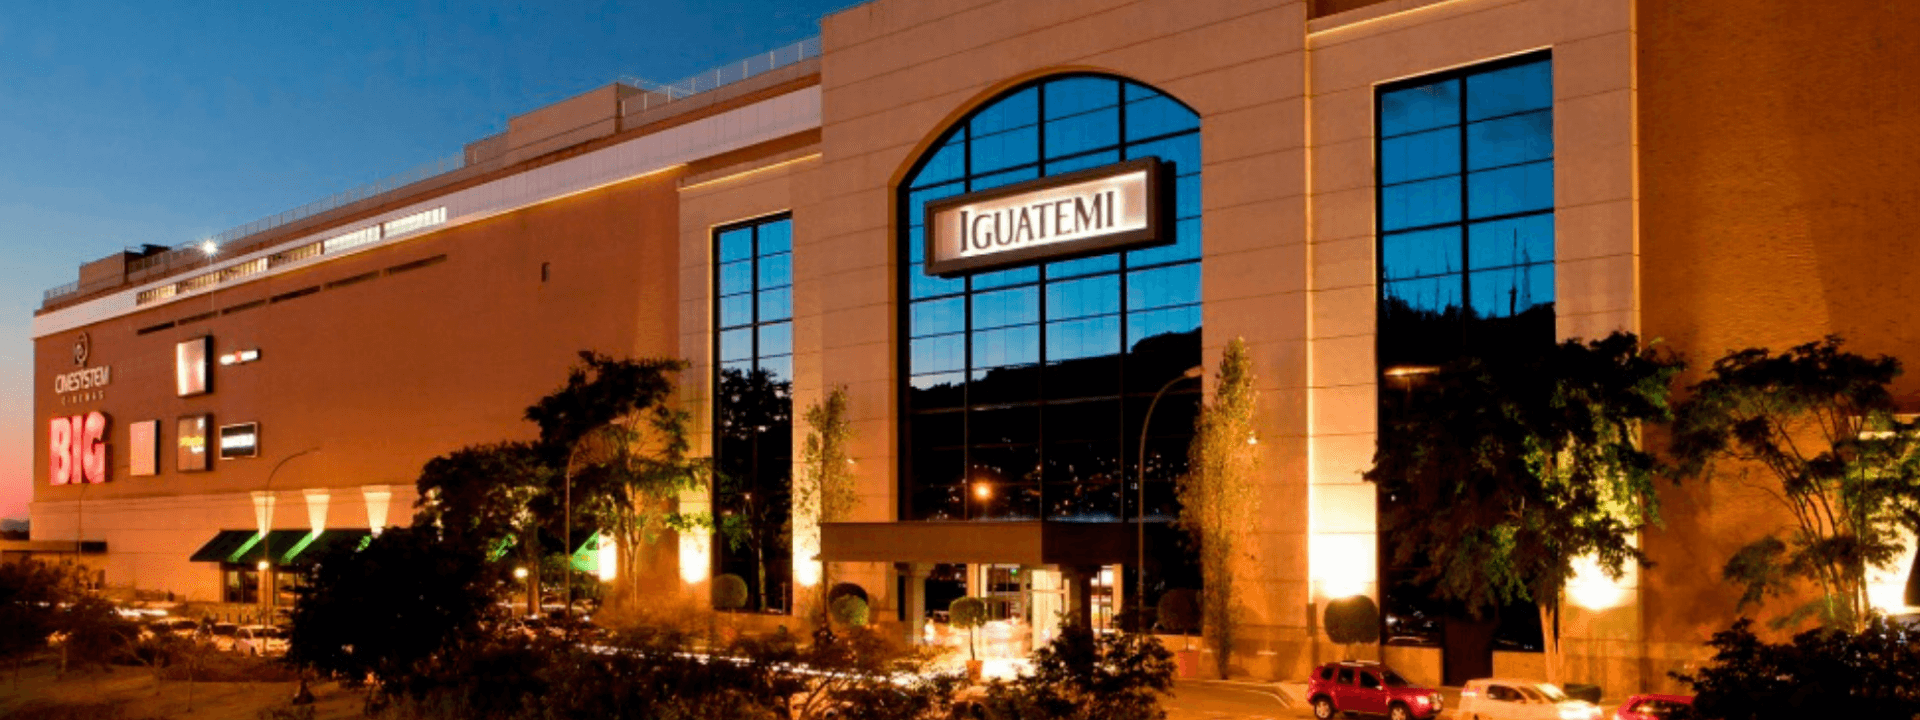 Semana do Brasil trará descontos de até 70% nas lojas no Shopping Iguatemi Florianópolis